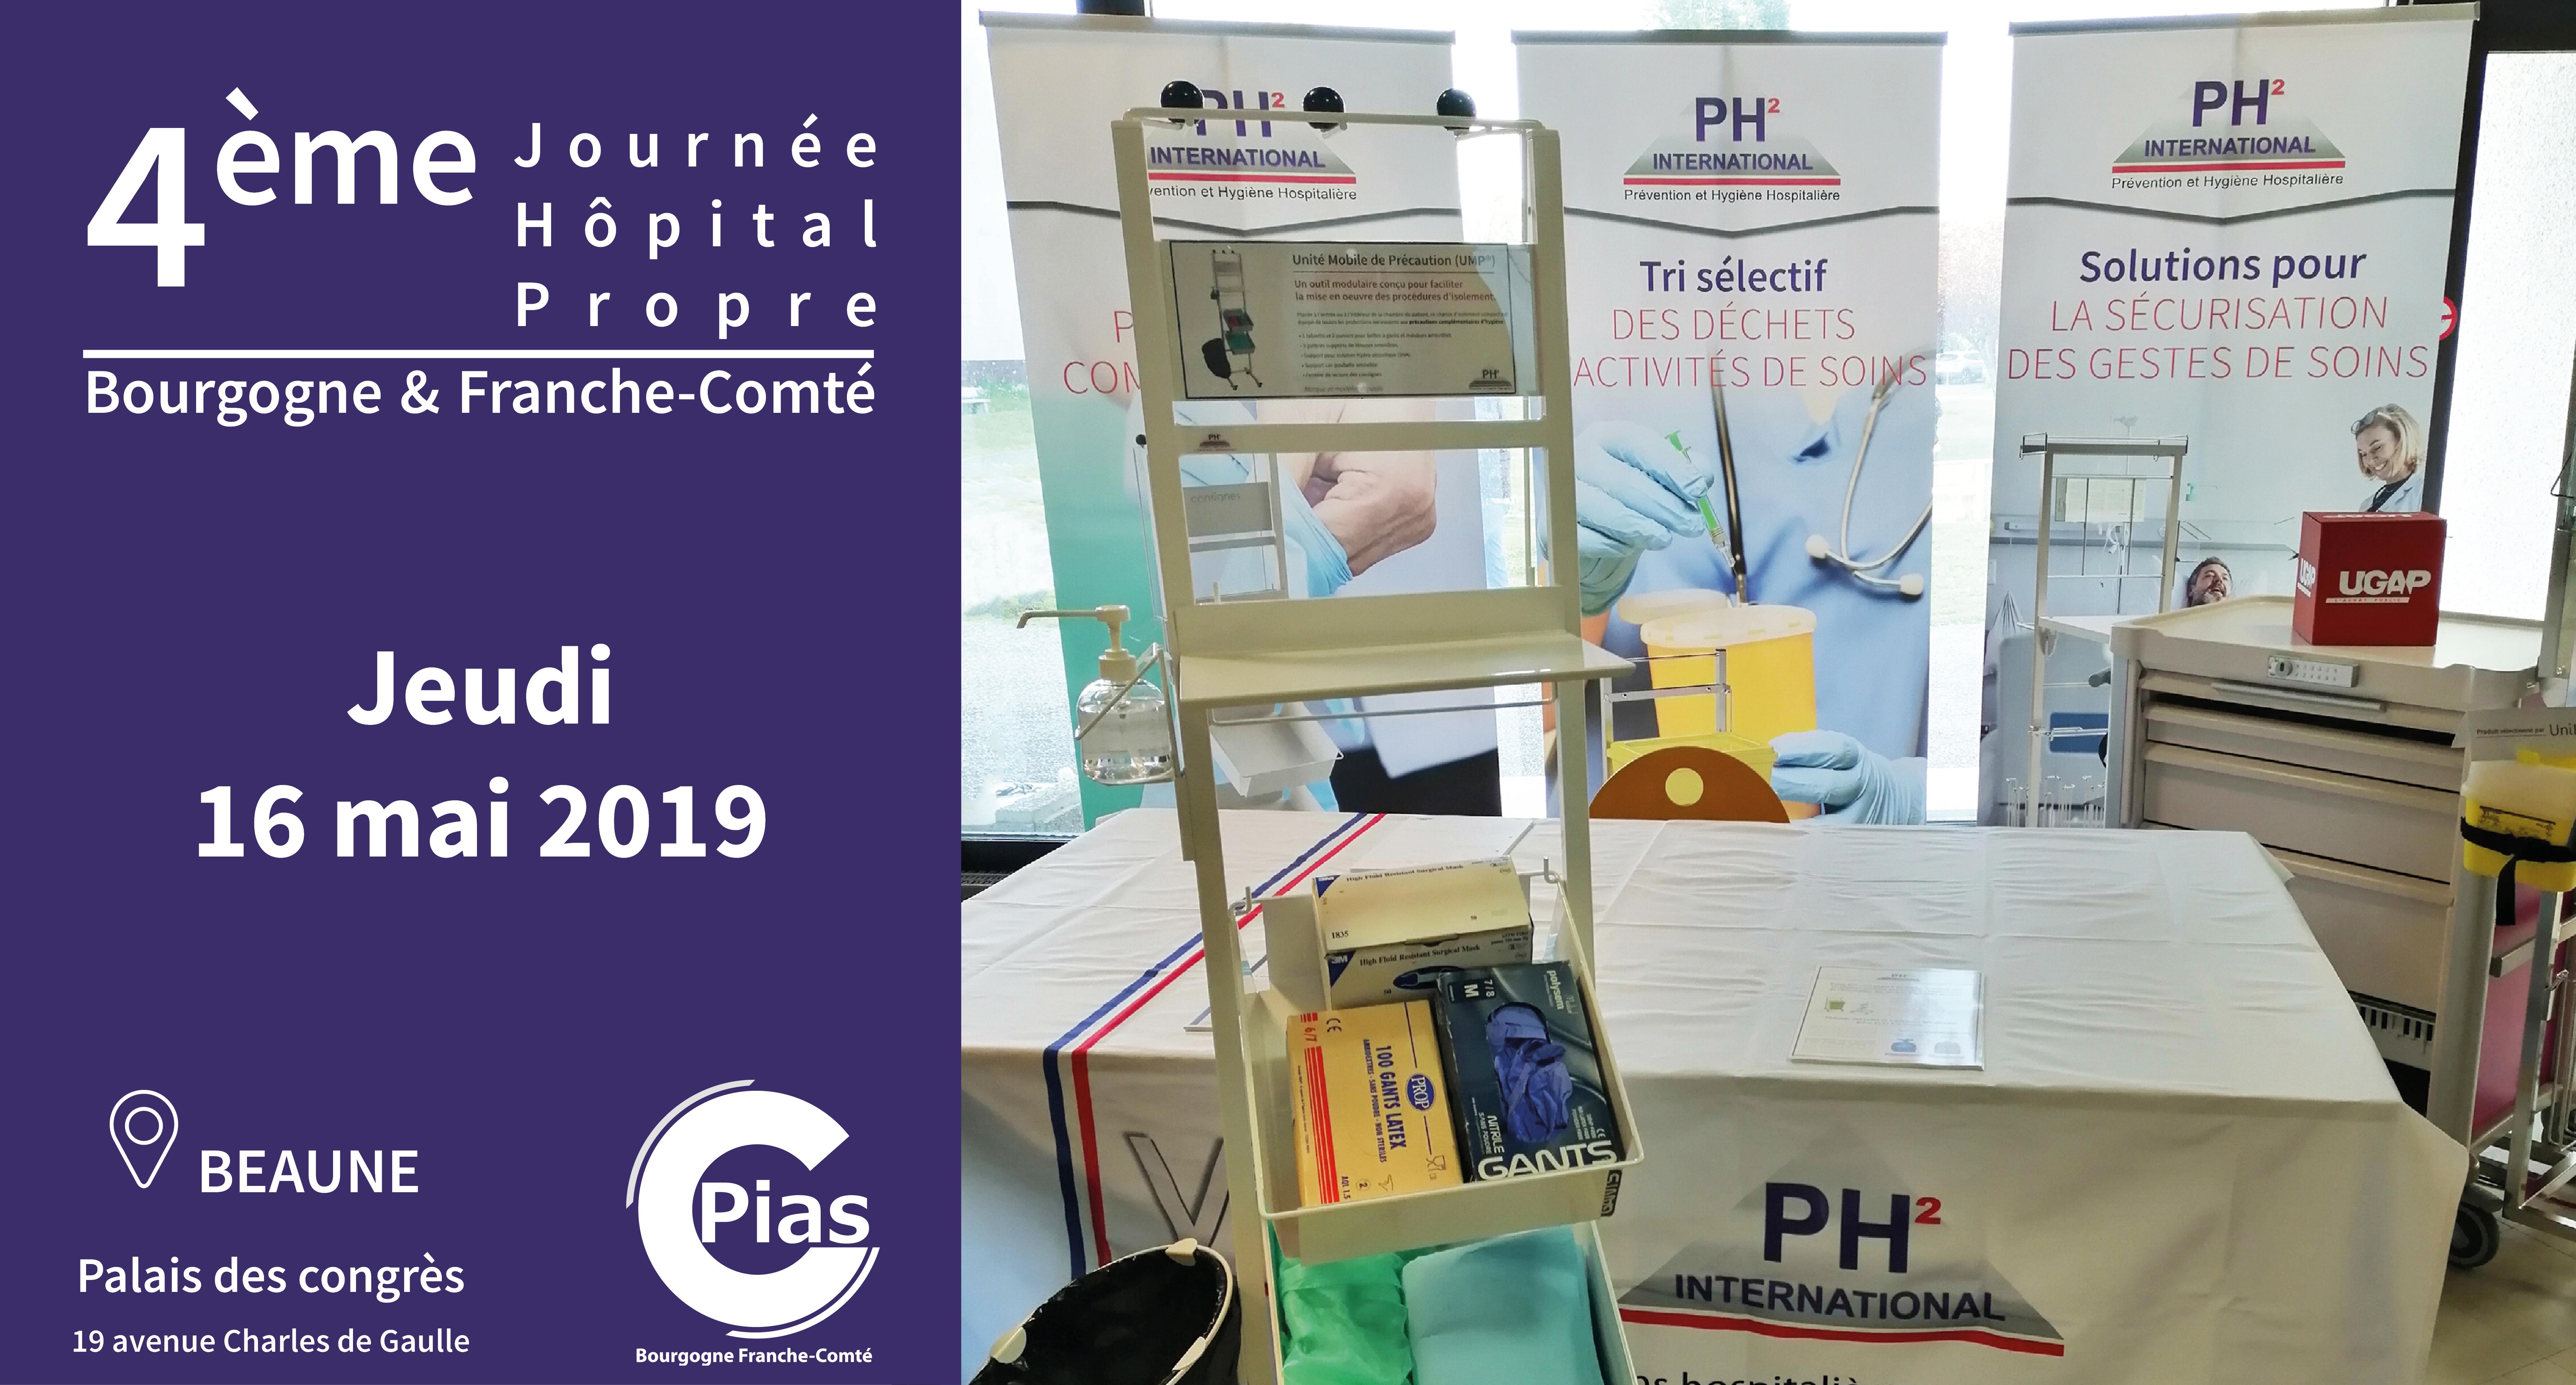 4ème Journée Hôpital Propre en Bourgogne – Franche-Comté – PH² International